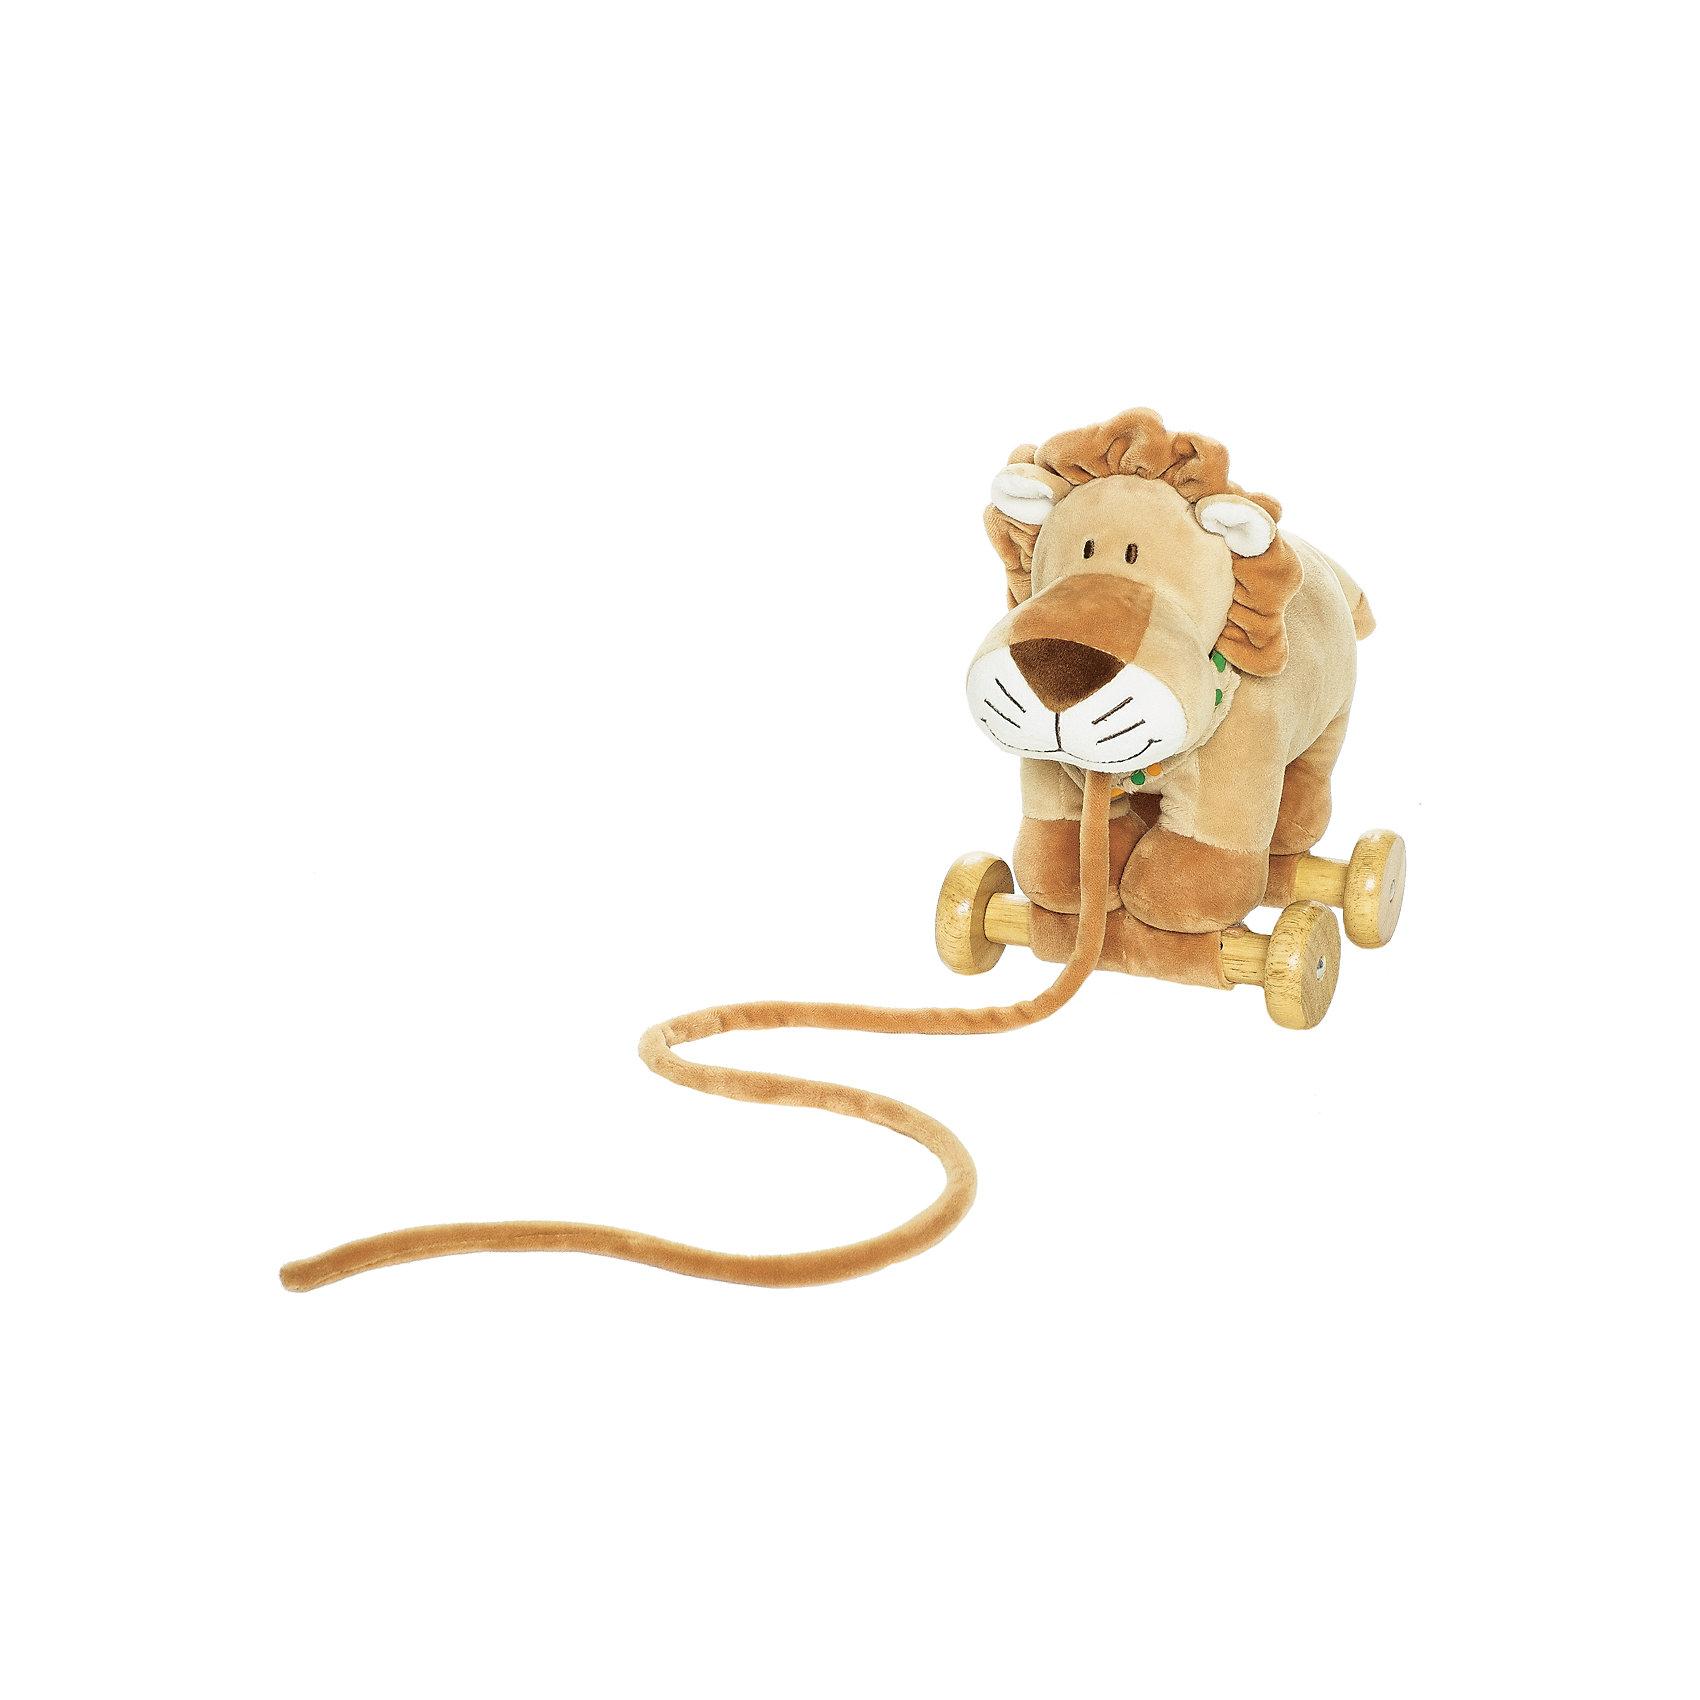 Каталка Лев, ДинглисарХарактеристики детской каталки Teddykompaniet: <br><br>• материал: 100% хлопок (велюр), дерево;<br>• серия: Динглисар;<br>• тип каталки: на веревочке.<br><br>Игрушку-каталку «Лев» из серии «Динглисар» малыши тянут за веревочку. Благодаря деревянным колесикам, которые расположены на широком шасси, игрушка устойчива, легко едет по ровной поверхности. В процессе игры развивается координация движений, пространственное восприятие, образное мышление. <br><br>Каталку Лев, Динглисар можно купить в нашем интернет-магазине.<br><br>Ширина мм: 320<br>Глубина мм: 320<br>Высота мм: 320<br>Вес г: 200<br>Возраст от месяцев: 0<br>Возраст до месяцев: 12<br>Пол: Унисекс<br>Возраст: Детский<br>SKU: 5219519